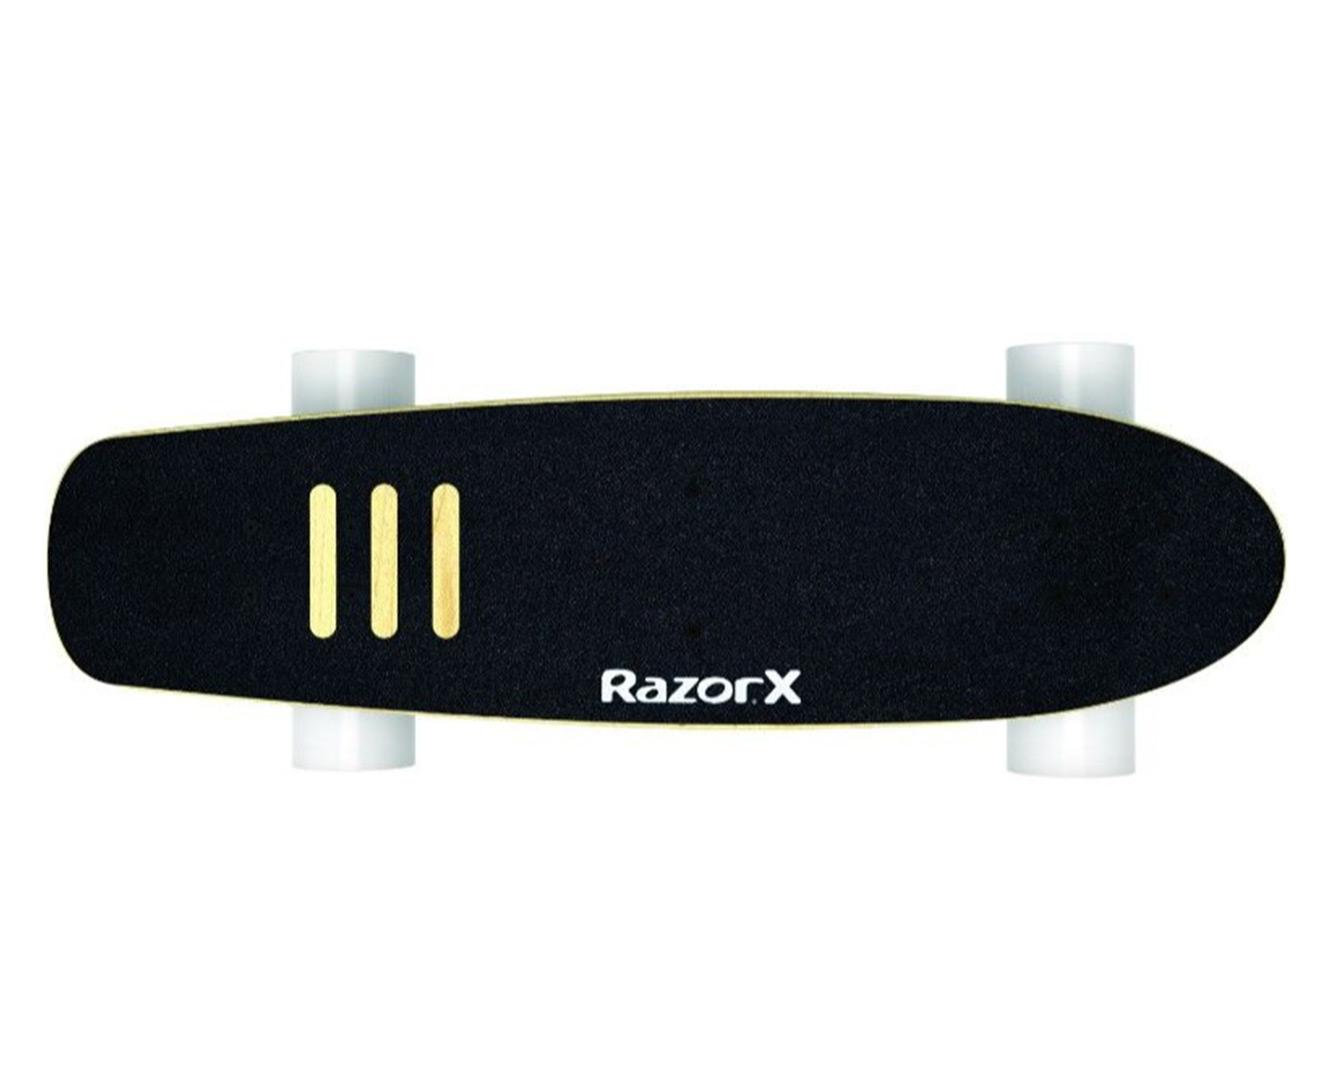 54321ac85b3 Razor X Cruiser Electric Skateboard with Wireless 2.4 GHz Remote - Black 3  3 of 6 ...